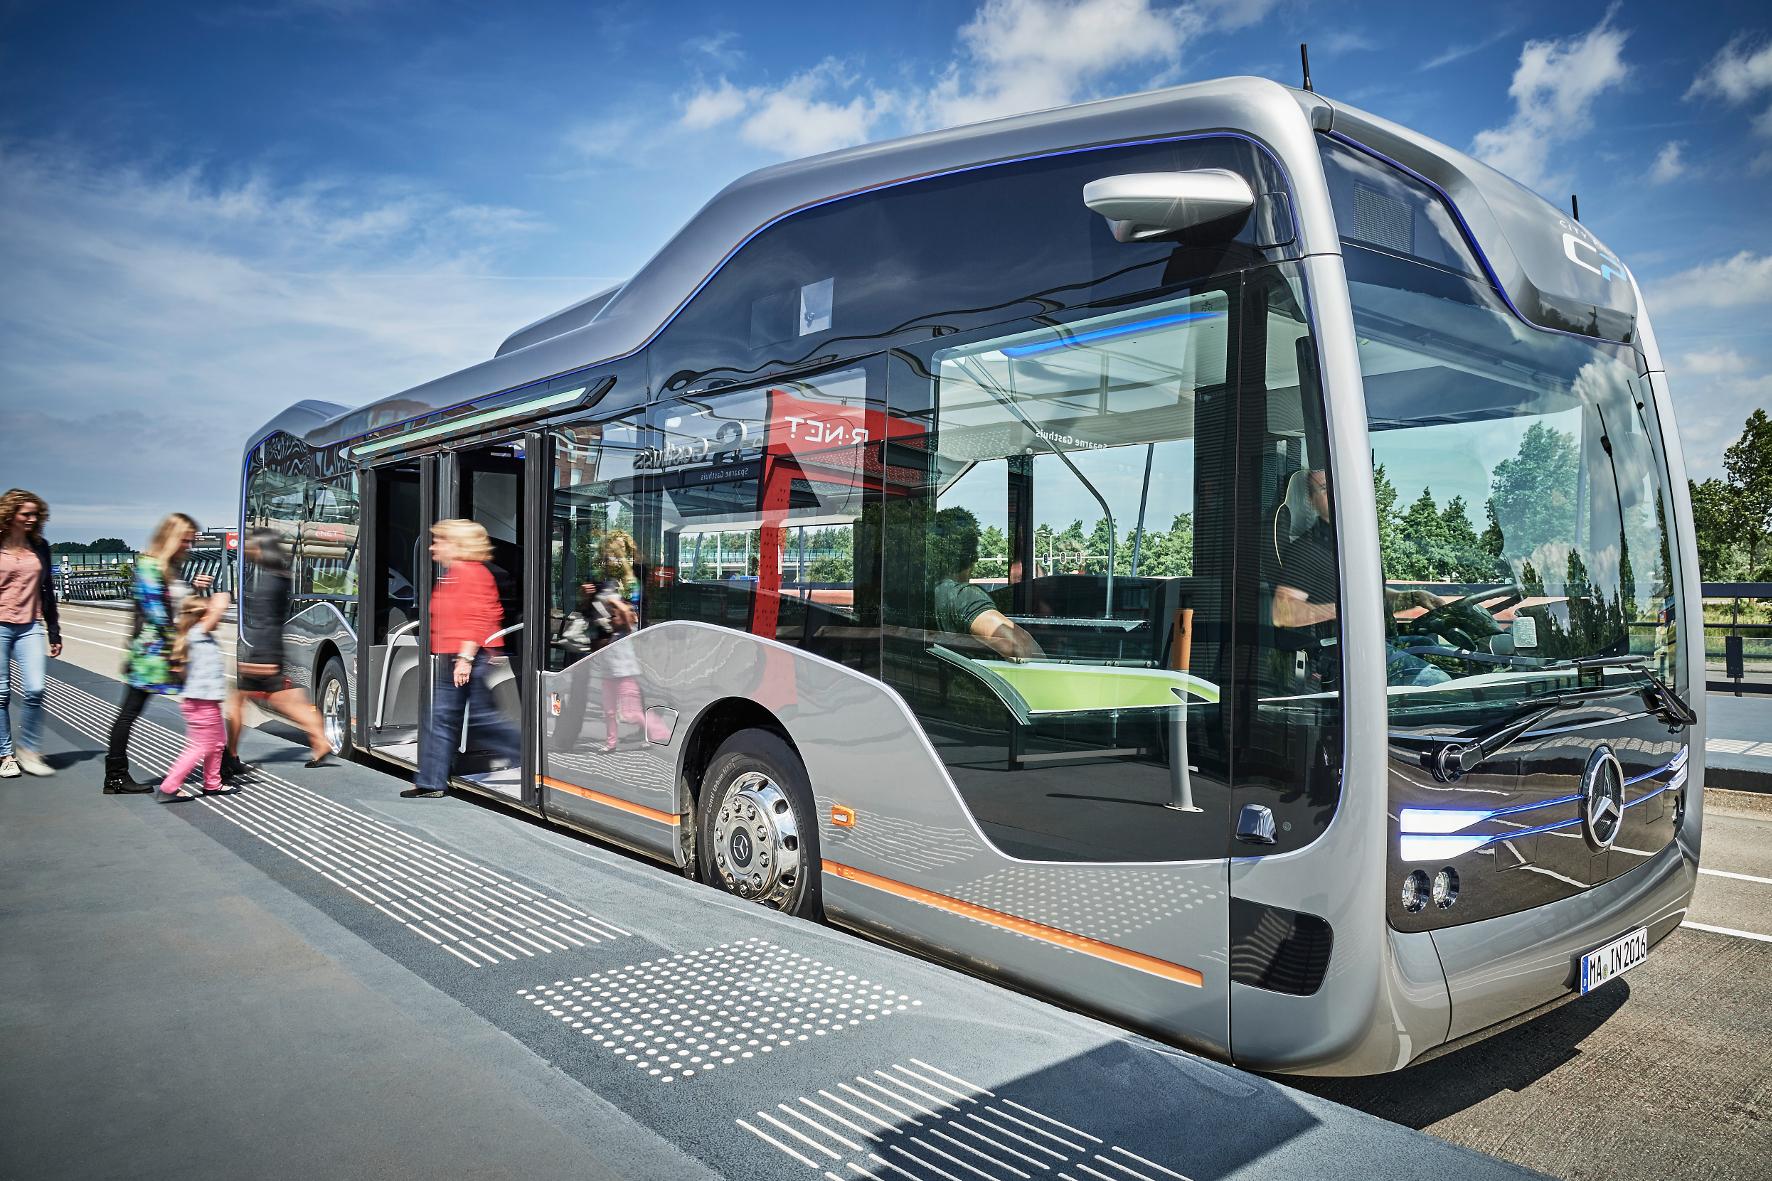 mid Amsterdam - Linieneinsatz in Amsterdam: Der Future Bus von Mercedes fährt auf separaten Busspuren teilautonom.